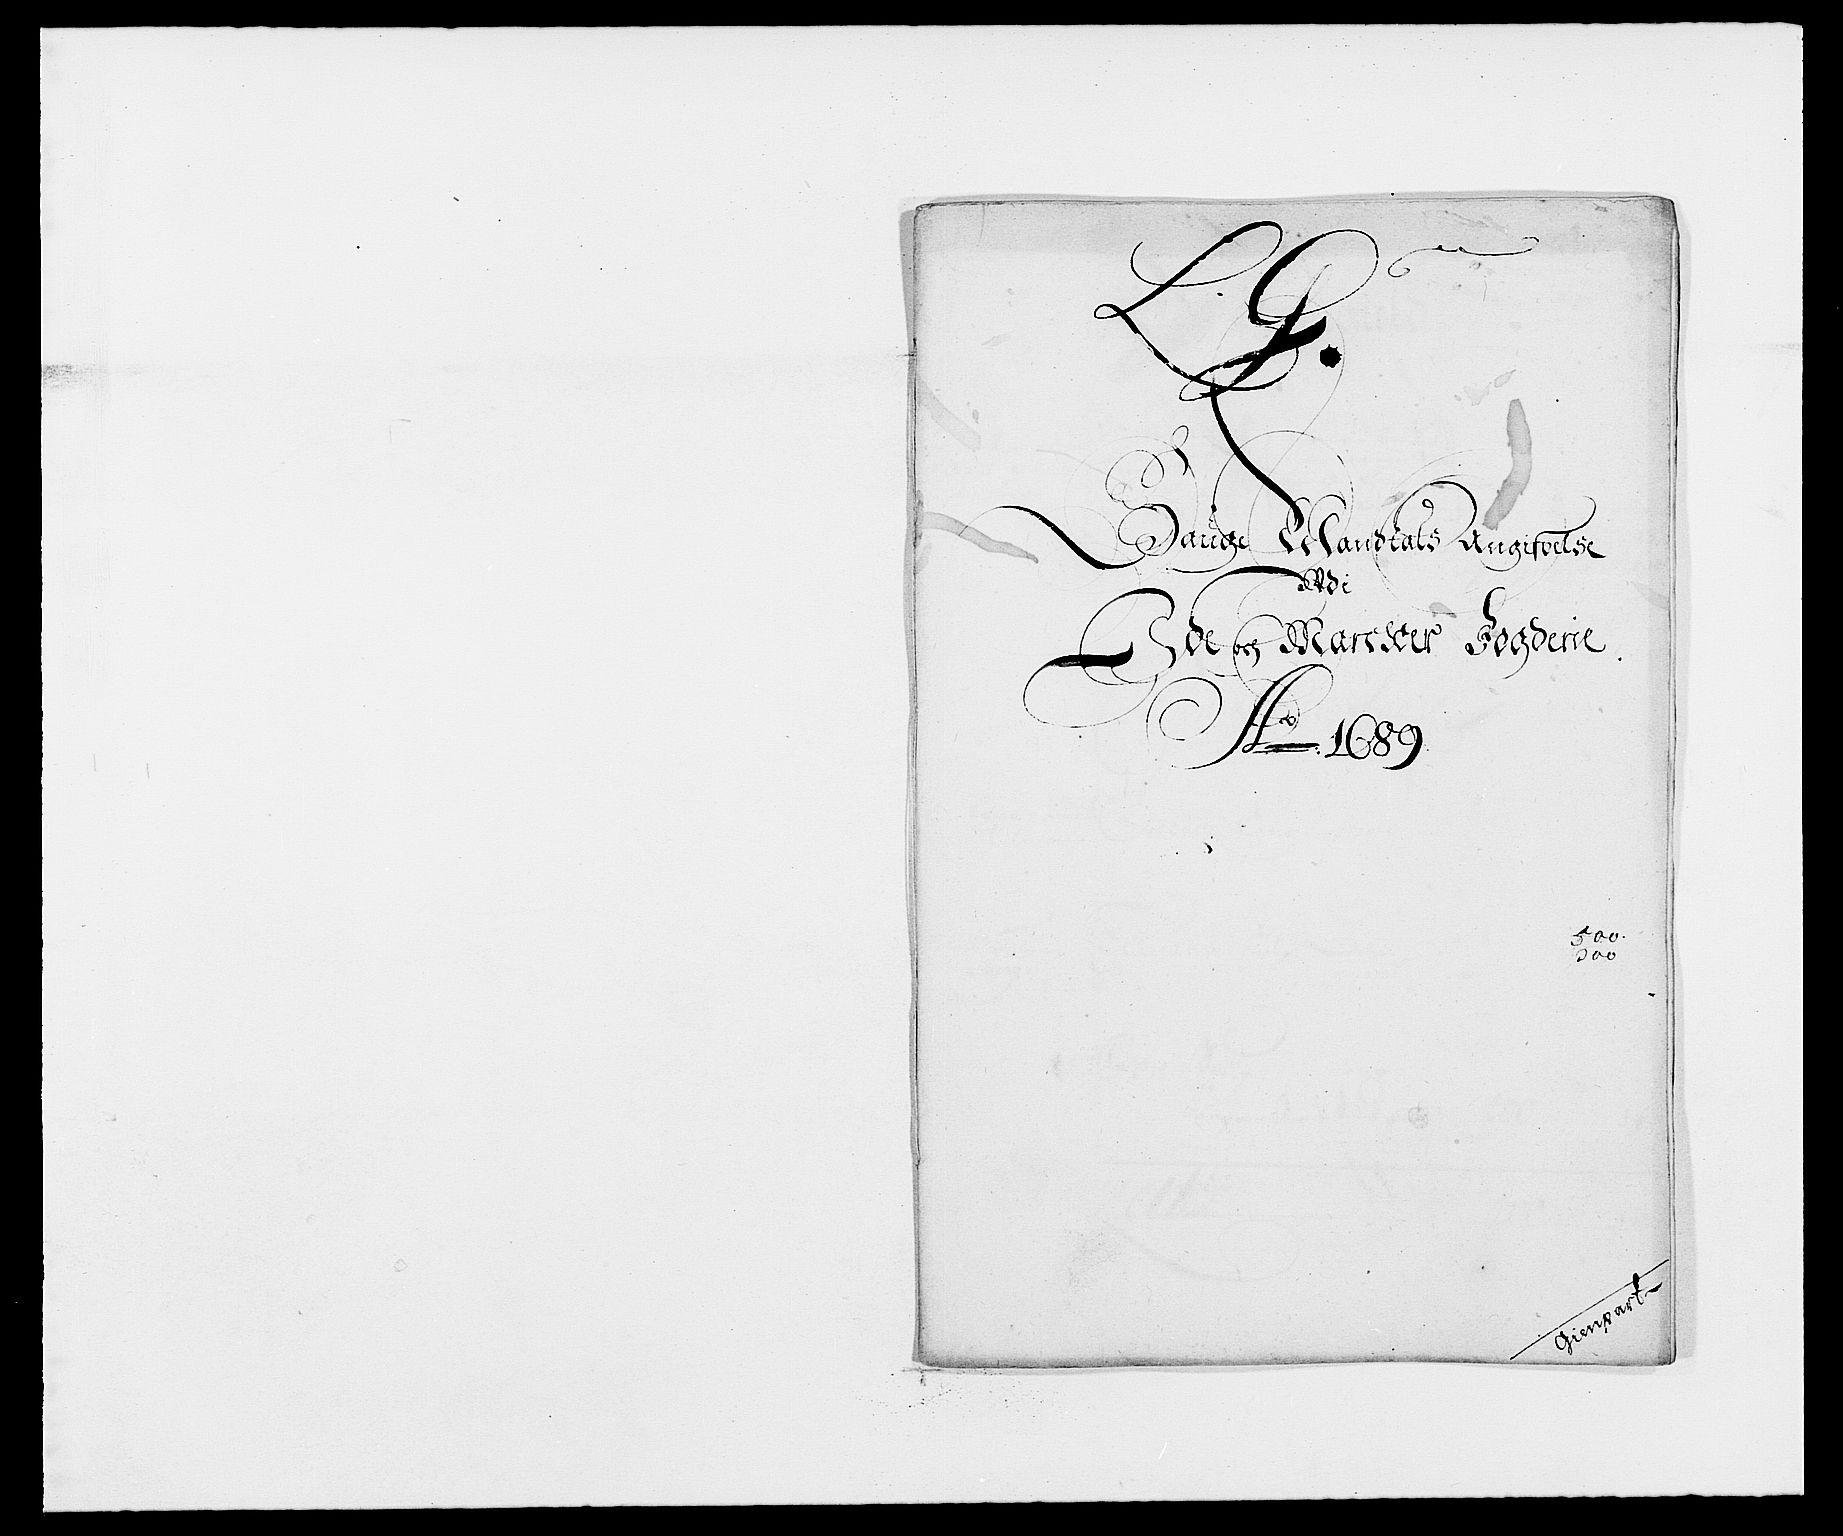 RA, Rentekammeret inntil 1814, Reviderte regnskaper, Fogderegnskap, R01/L0008: Fogderegnskap Idd og Marker, 1689, s. 186